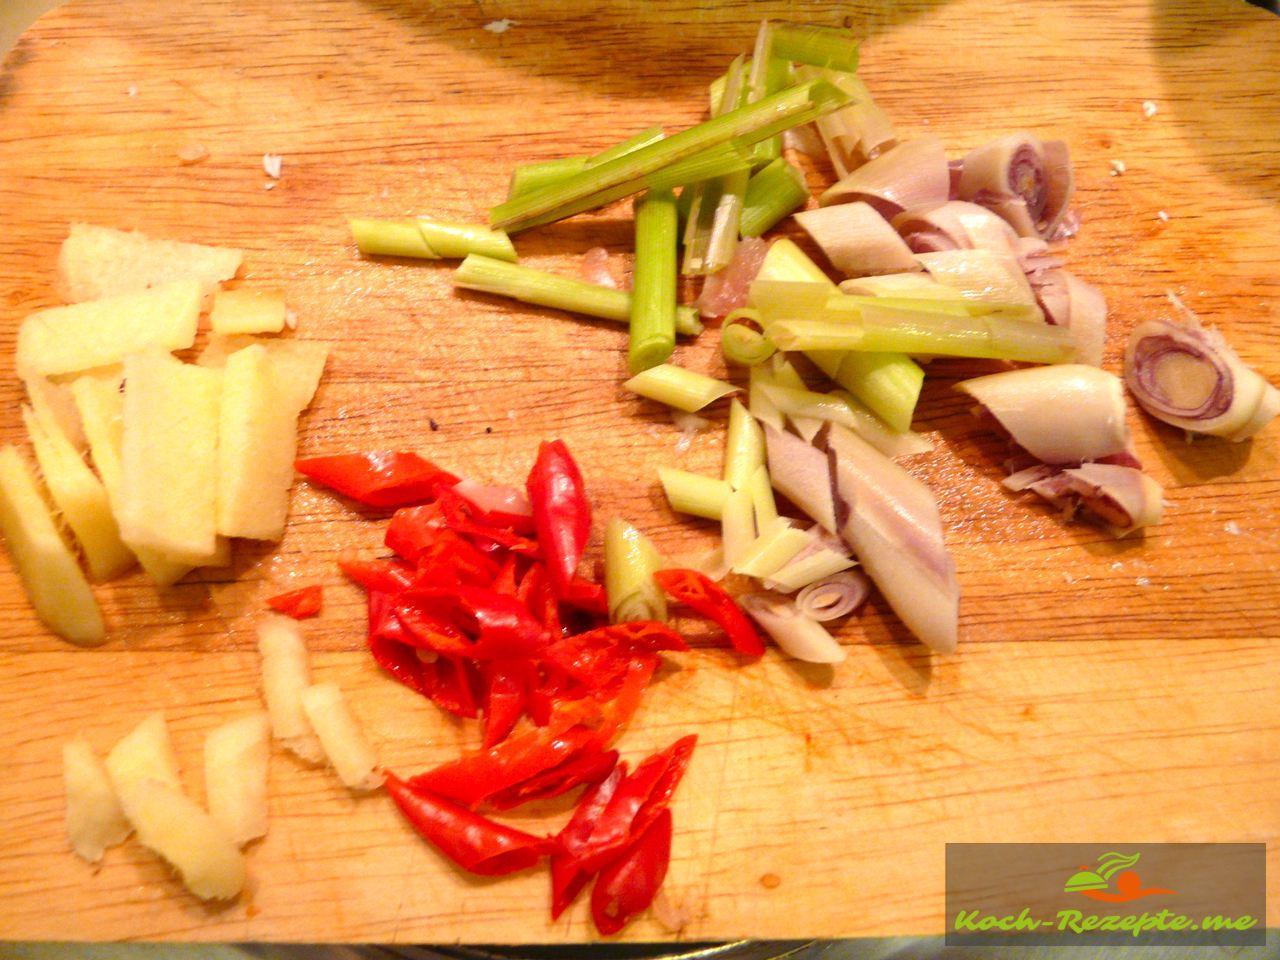 Zitronengras, Chili Ingwer in kleine Stücke schneiden